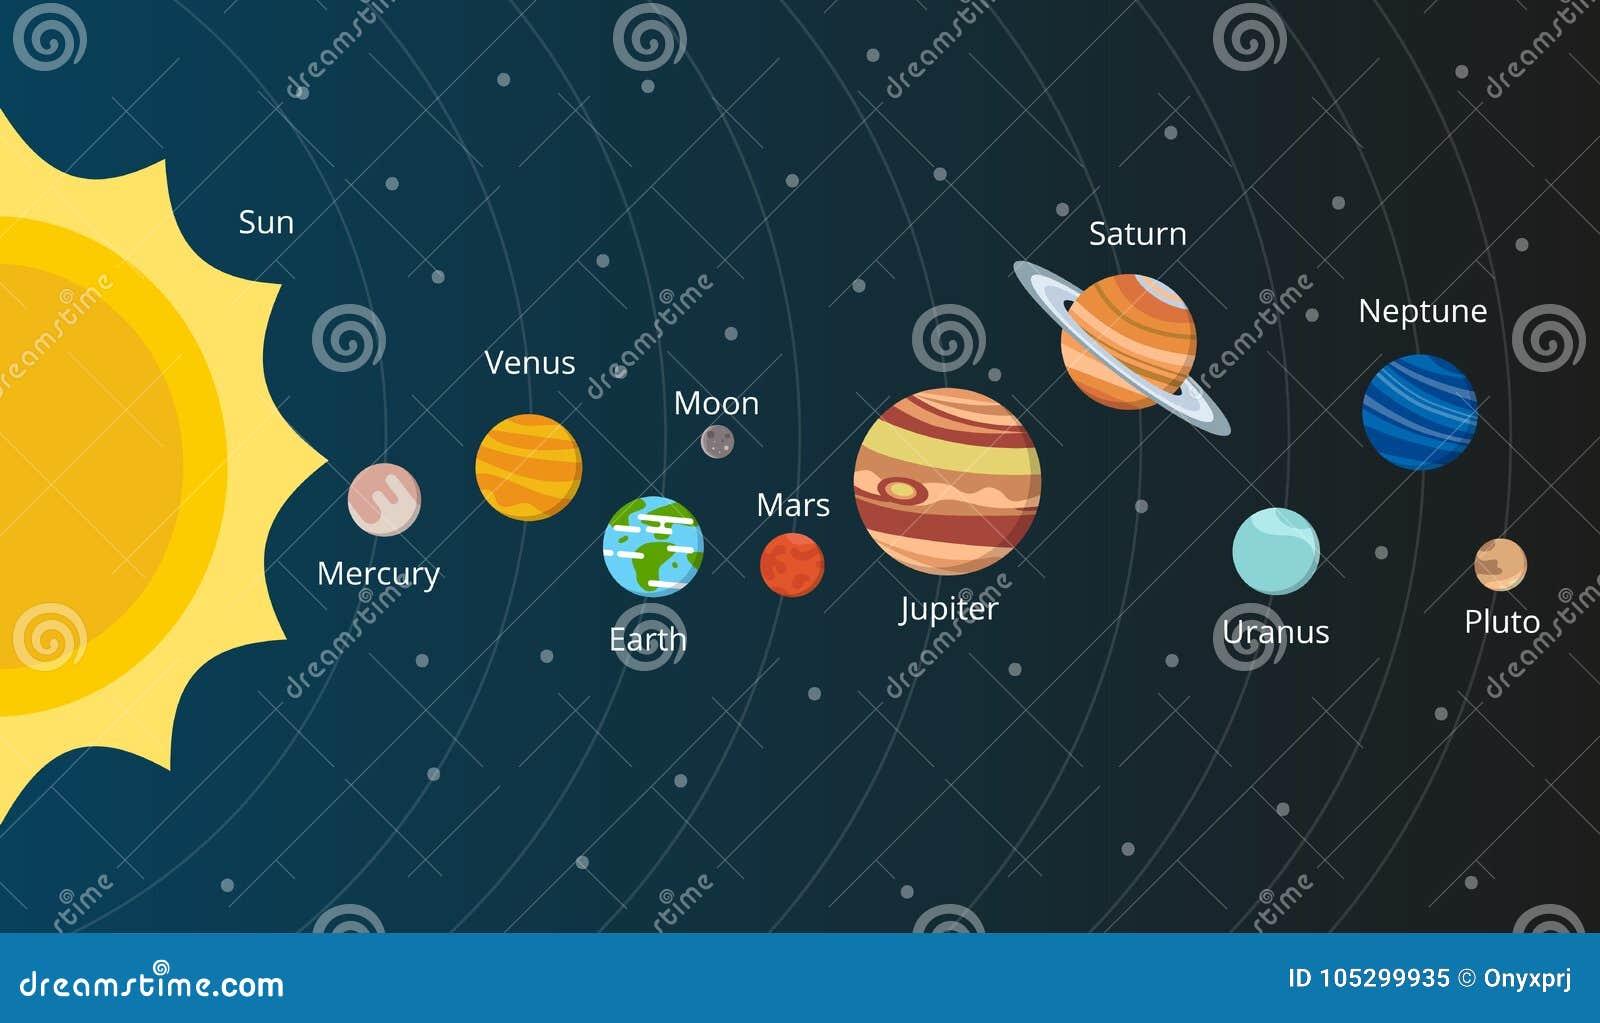 Ilustração Gratis Espaço Todos Os Universo Cosmos: Esquema Do Sistema Solar Planetas No Estilo Do Vetor